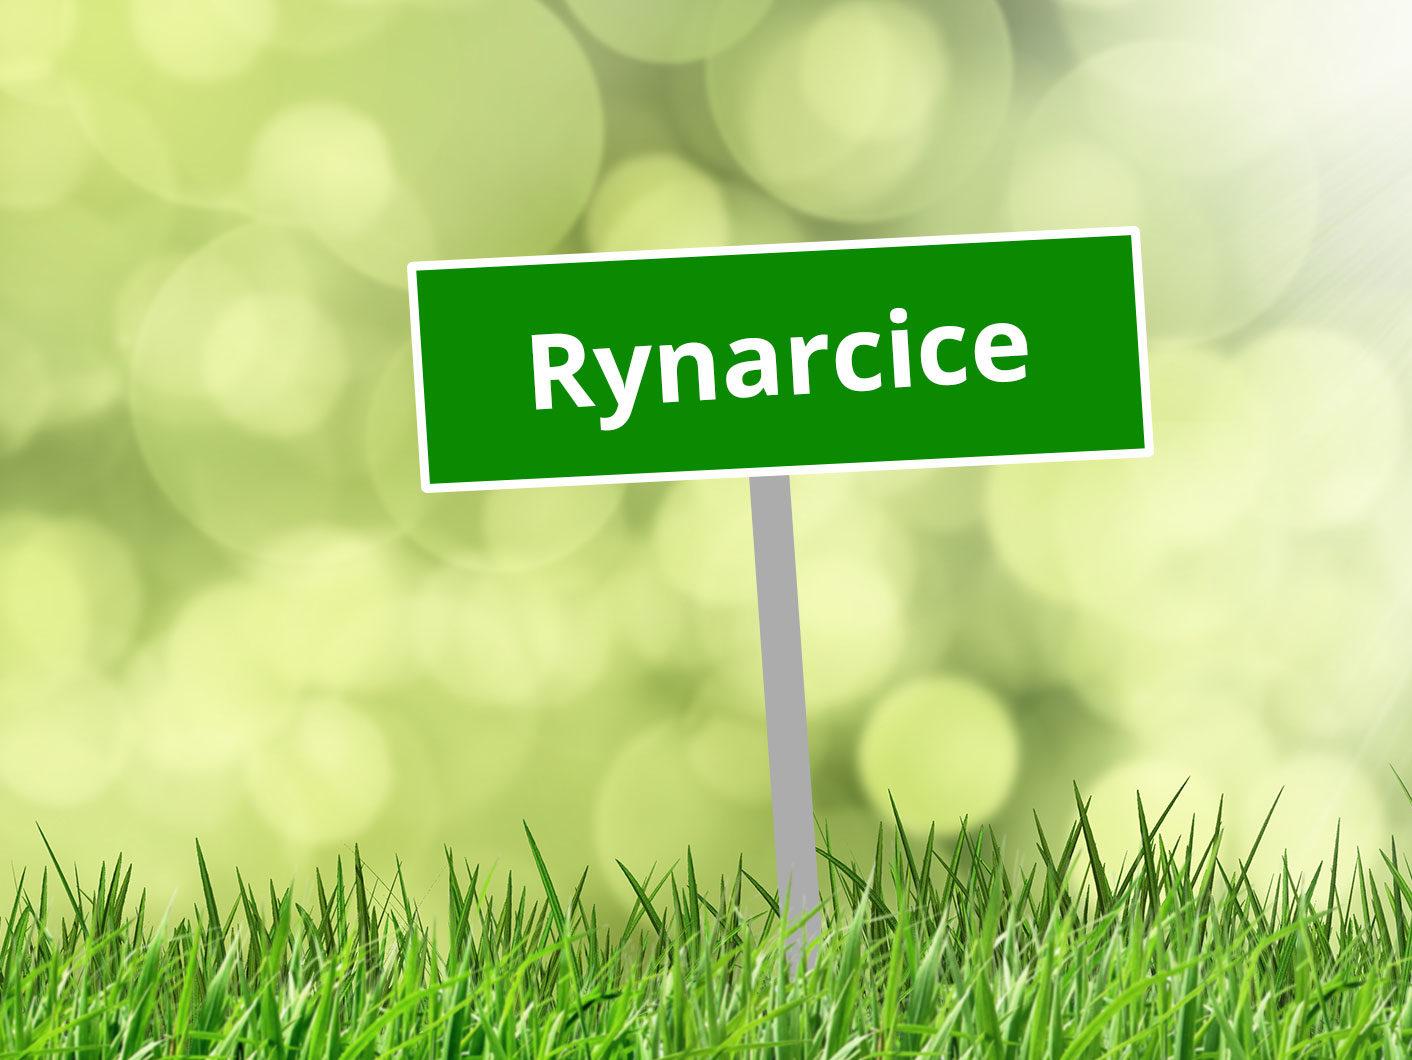 Sołectwo Rynarcice